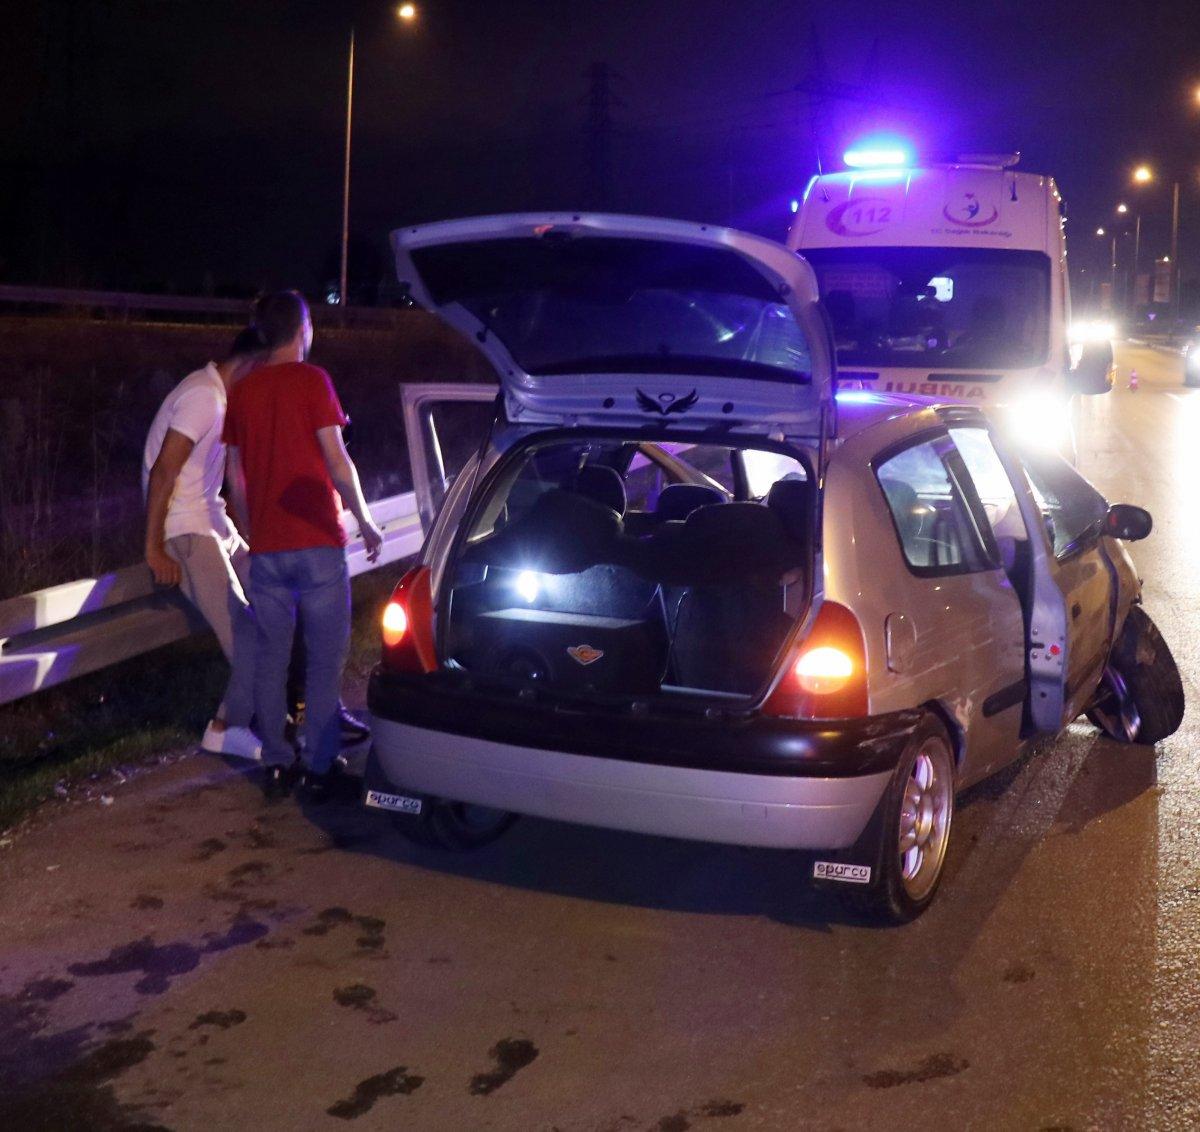 Sakarya da kaza yapan alkollü sürücü hastaneye gitmeyi reddetti #2